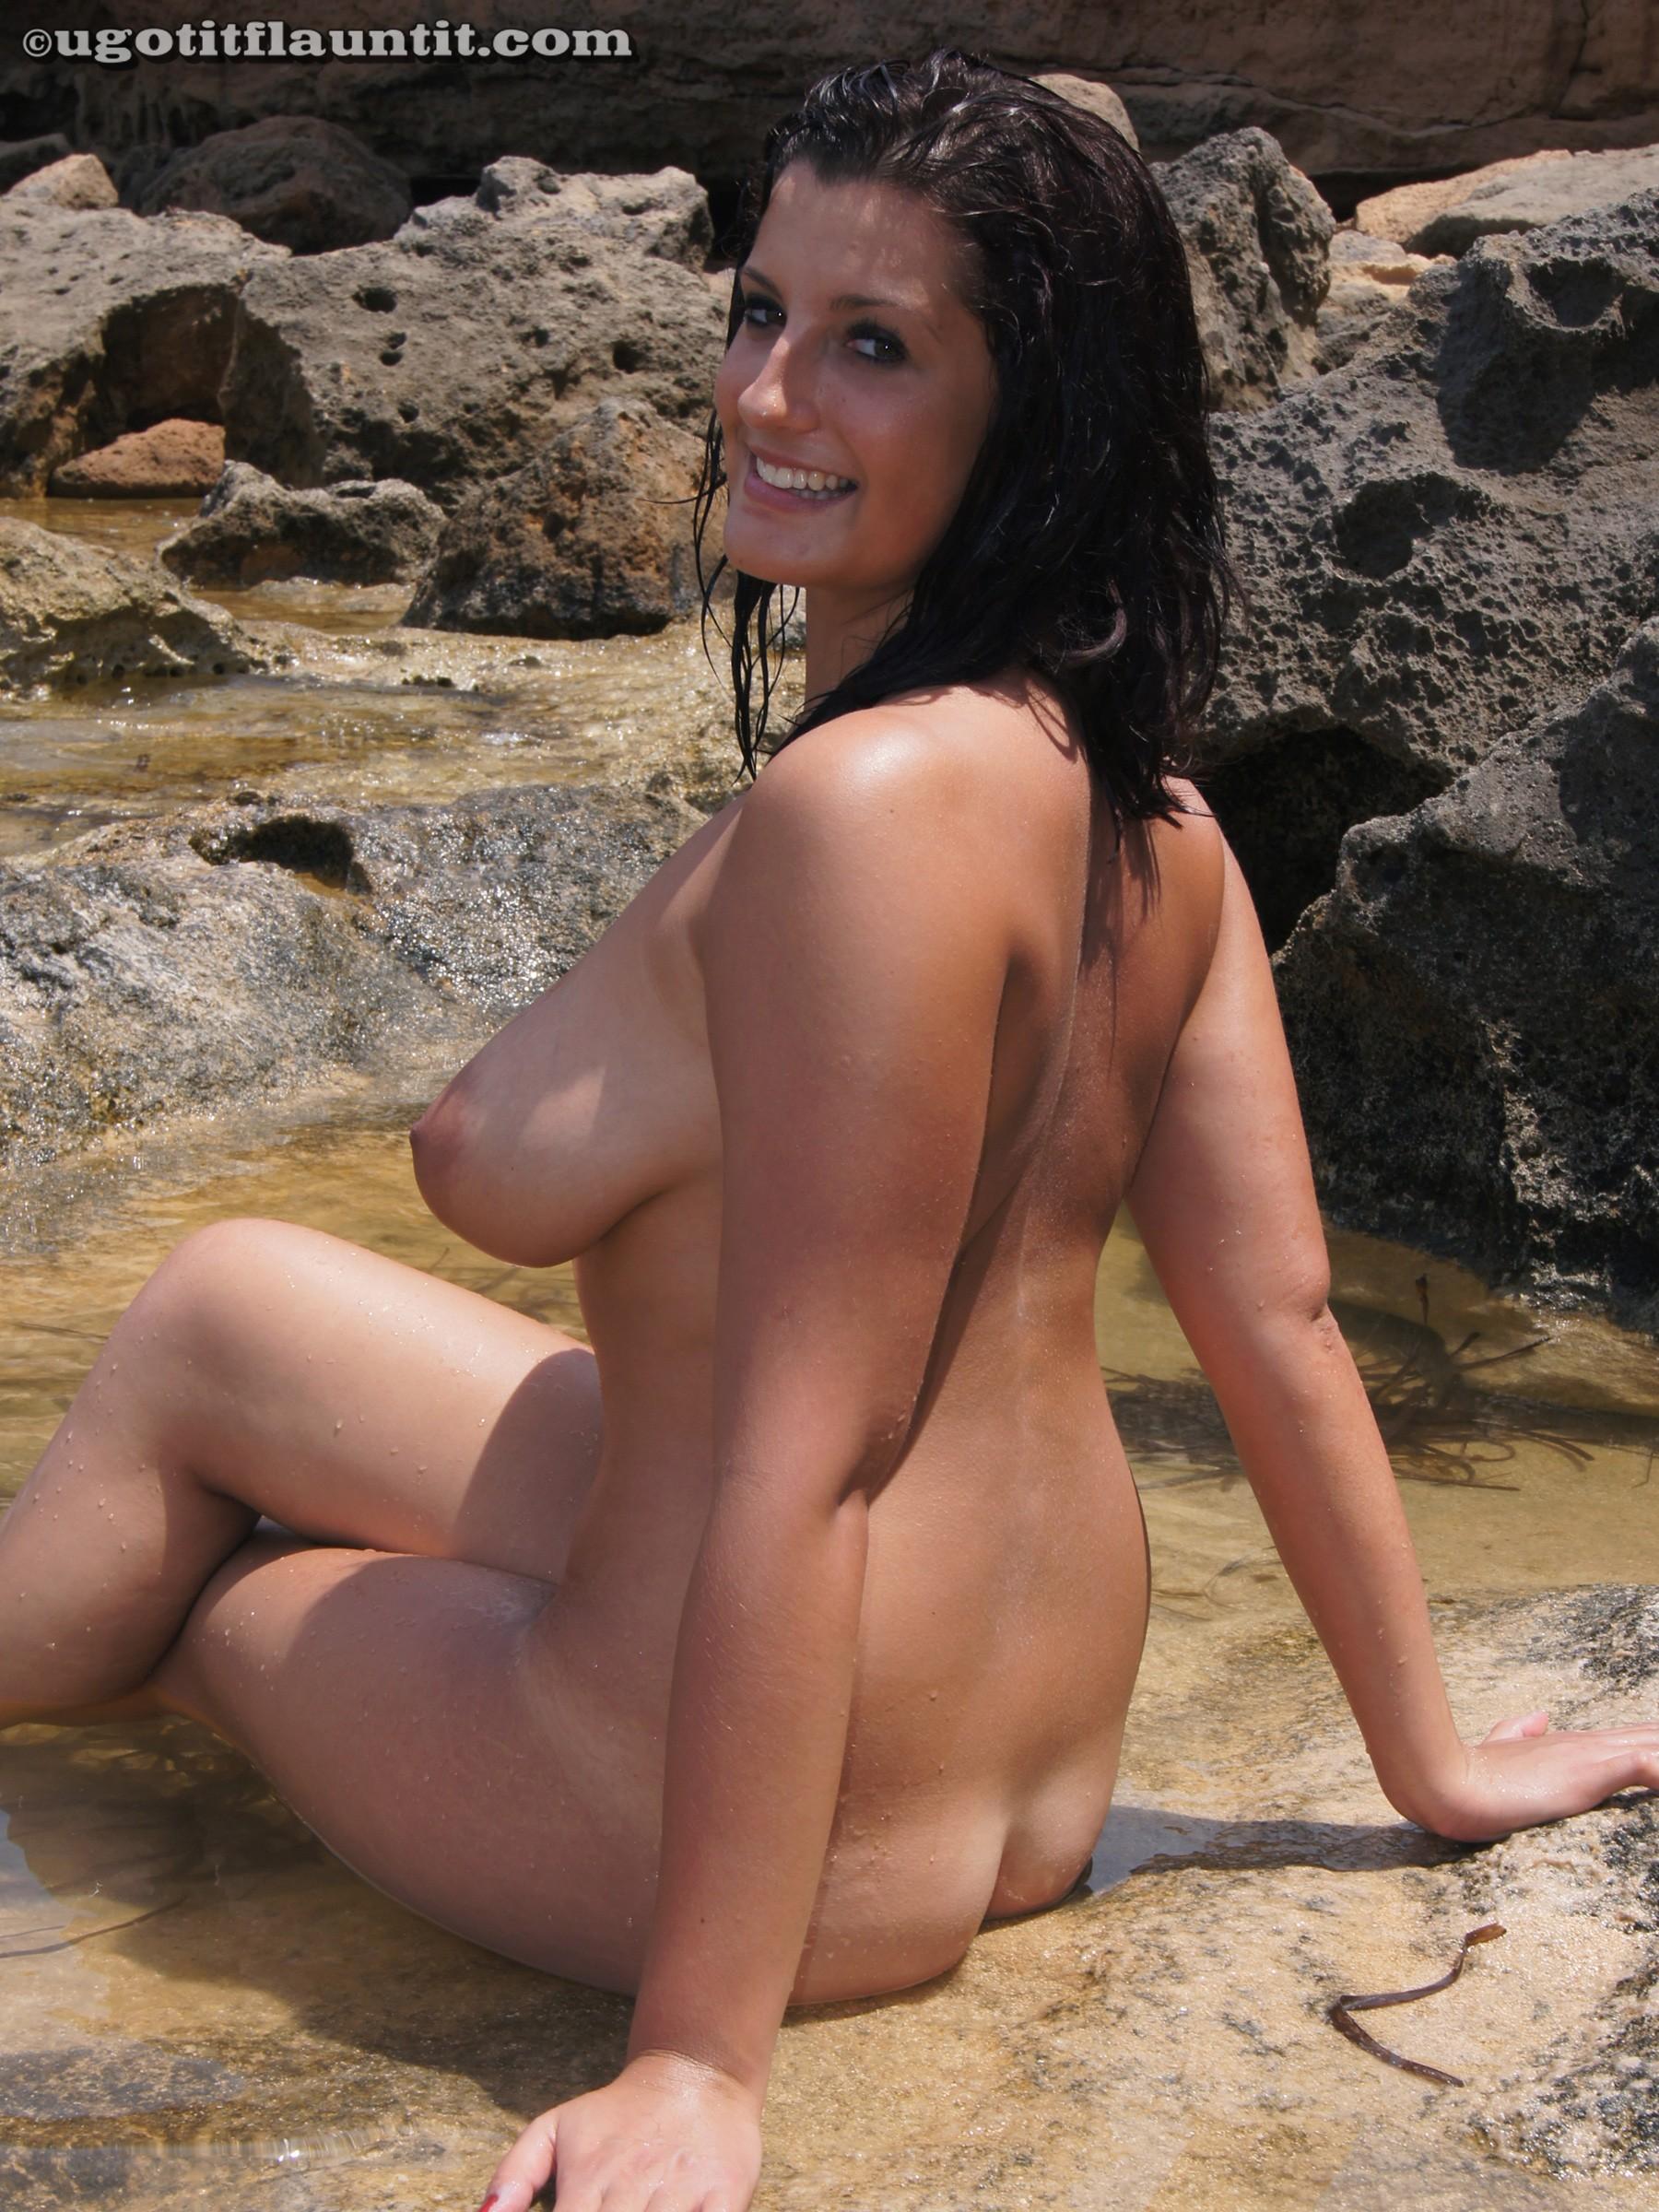 Смотреть показала огромную грудь 26 фотография